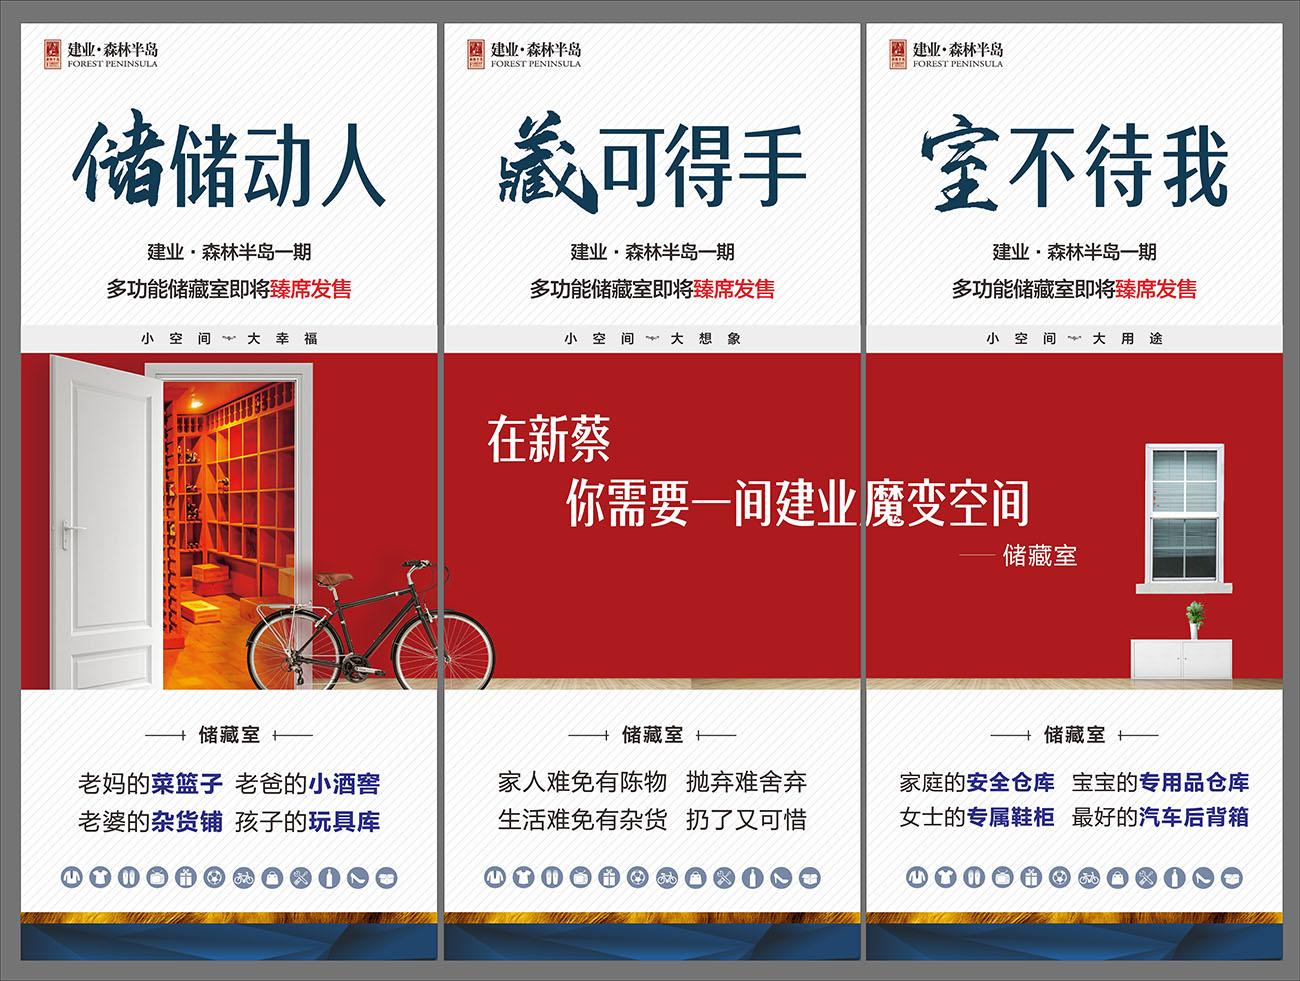 房地产储藏间微信刷屏三宫格海报CDR源文件插图